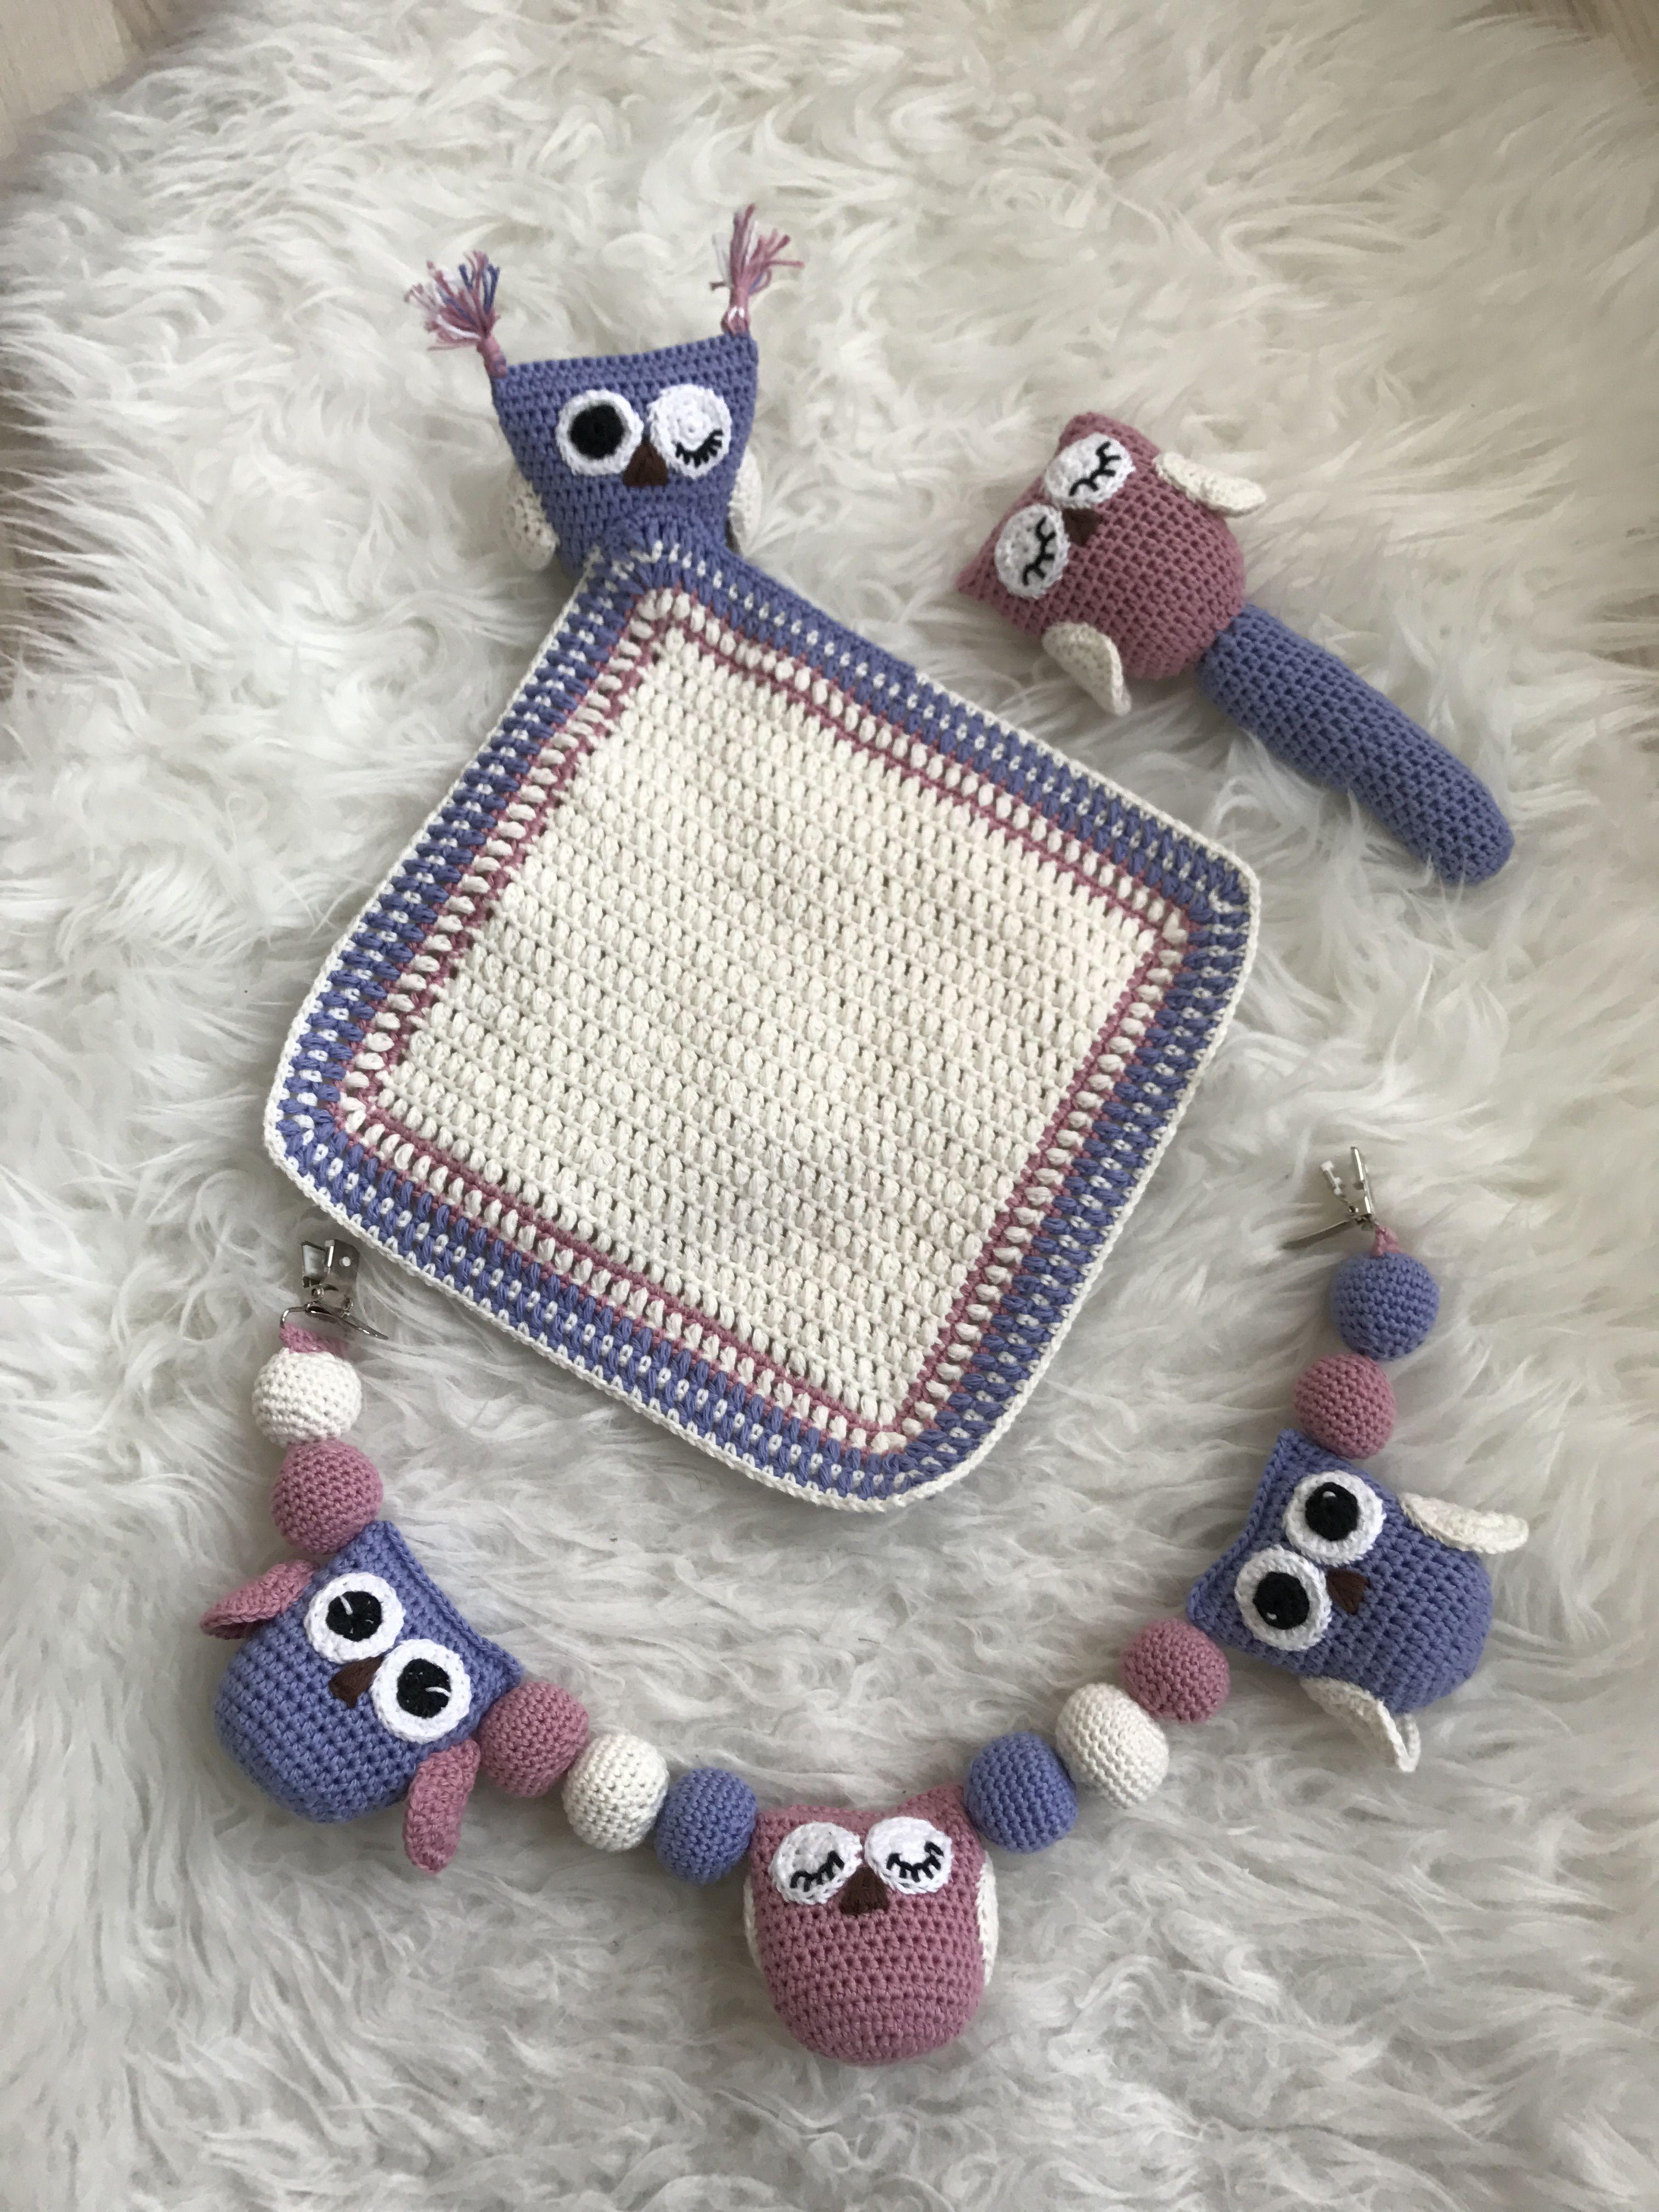 Hækletugle barnvognskæde, nusseklud og rangle